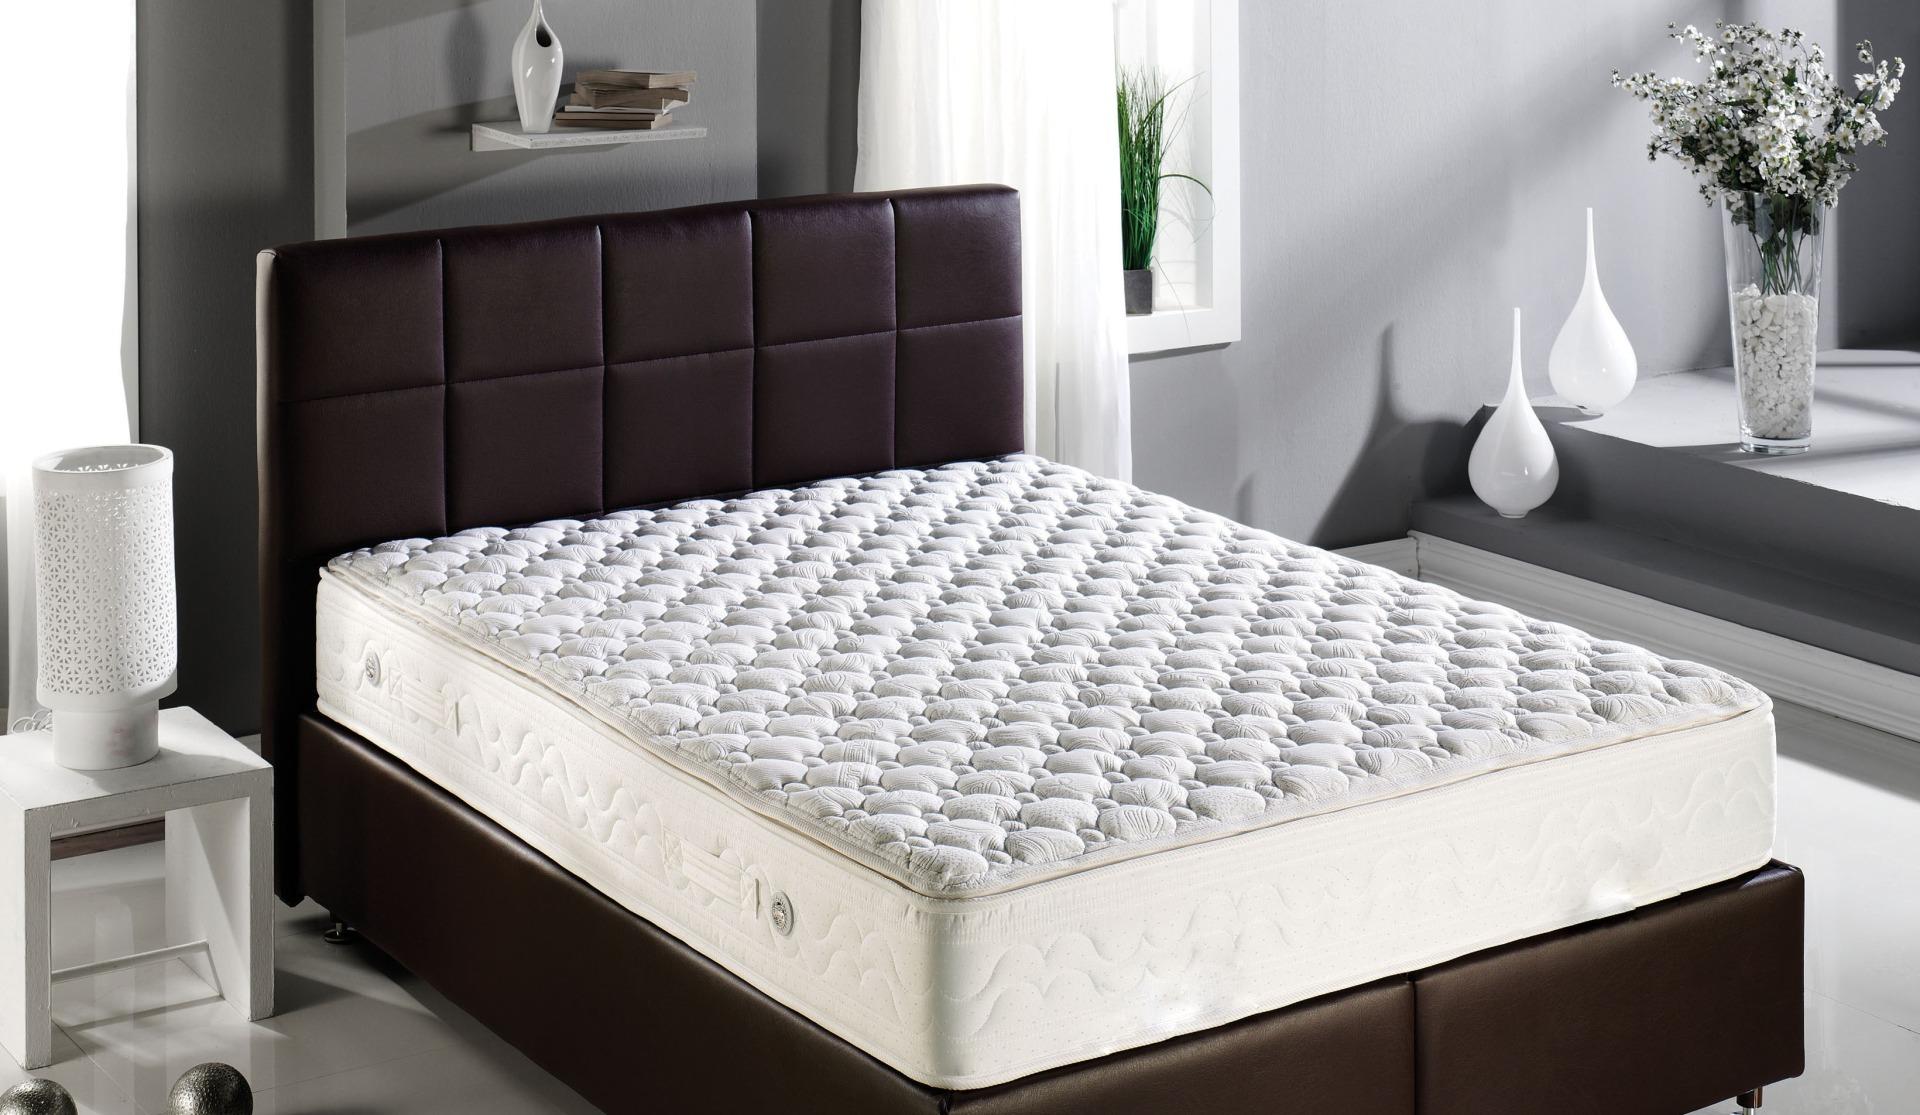 Як вибрати матрац для спальні